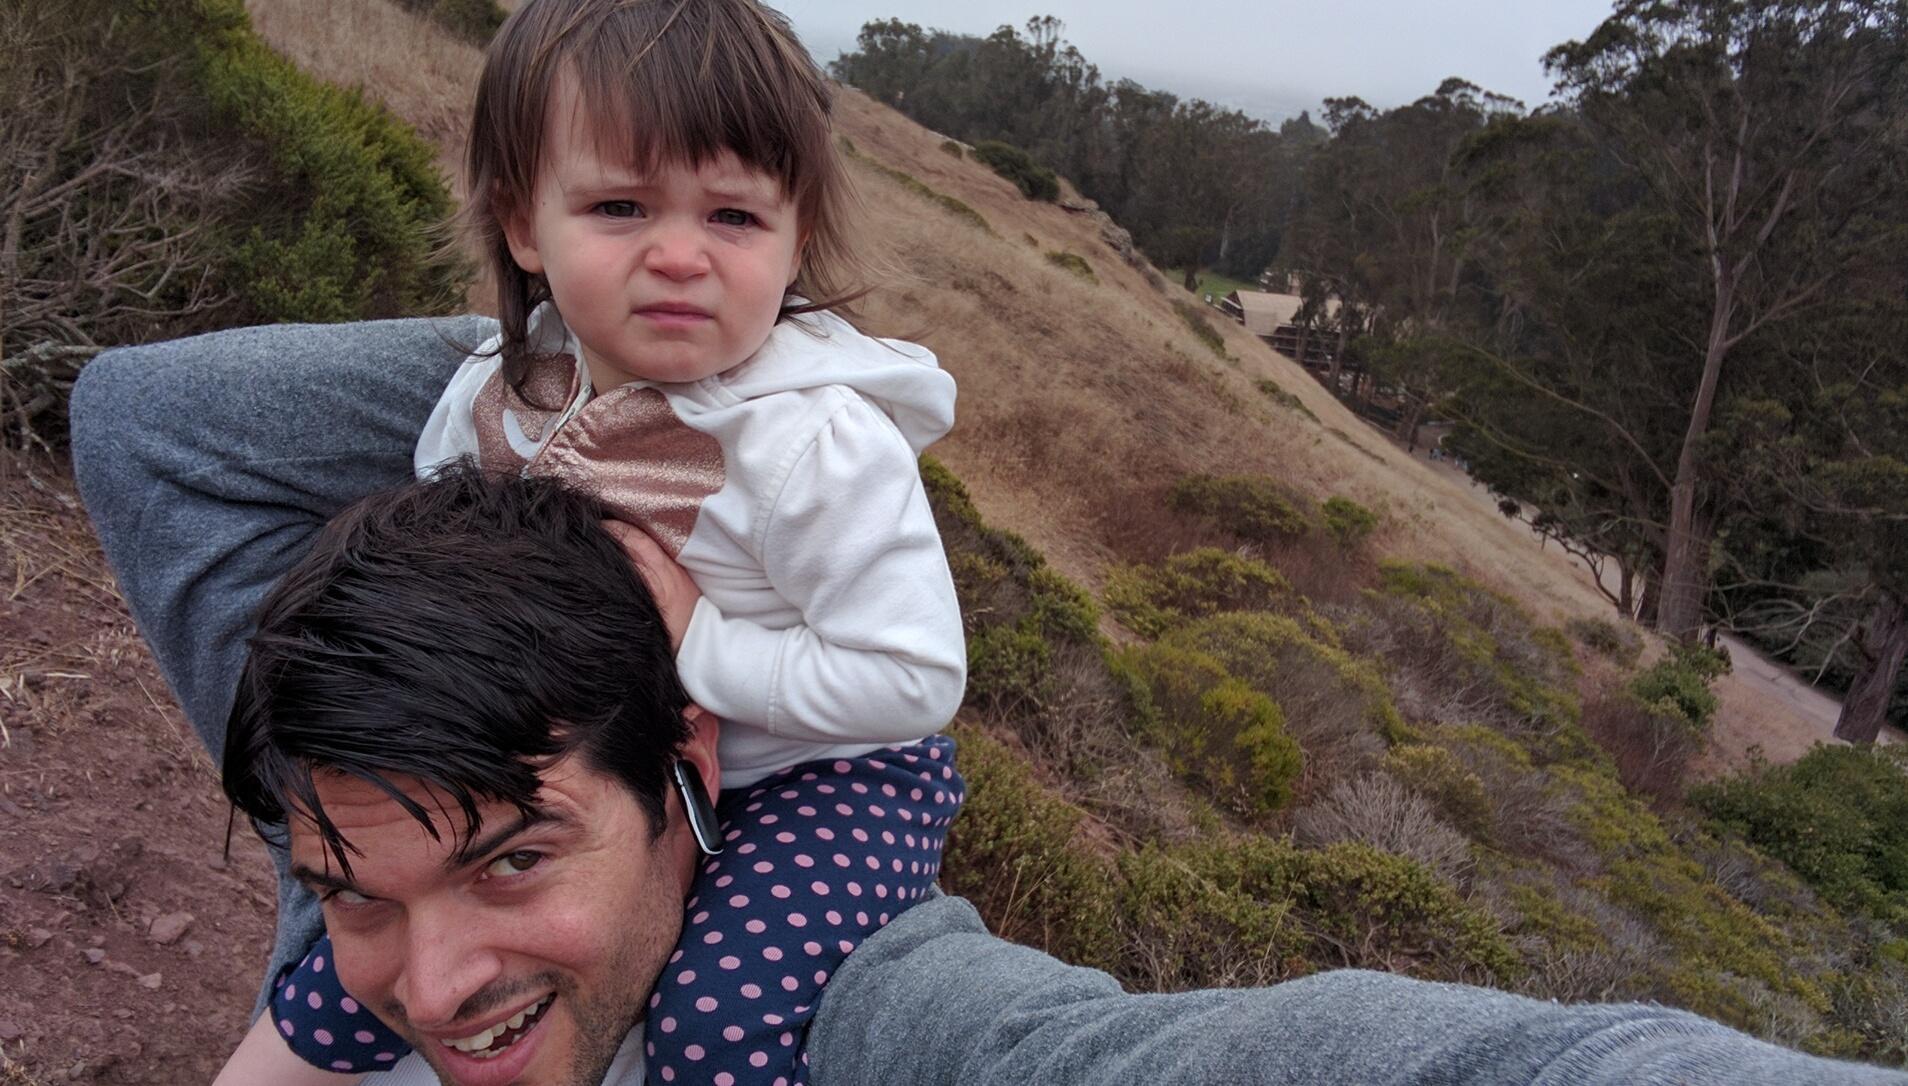 hiking_selfie_grumpy